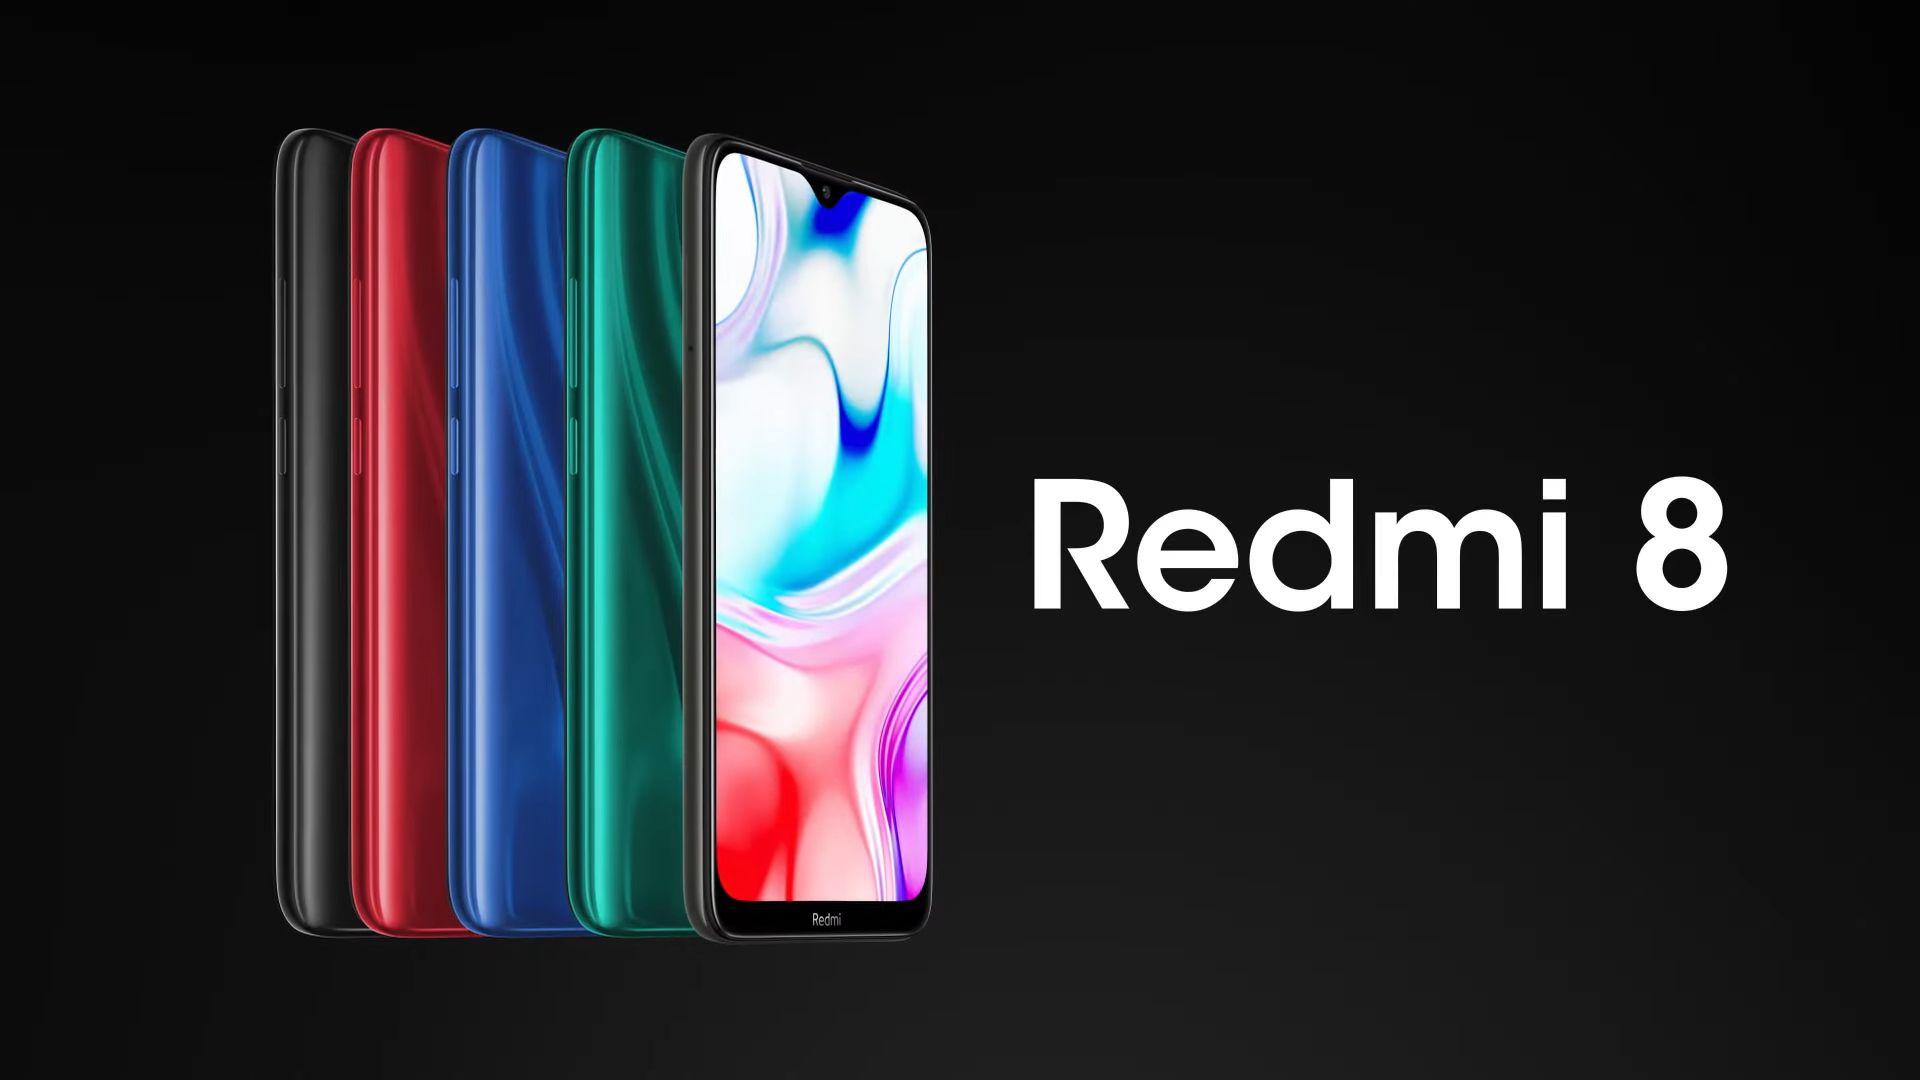 Redmi 8 è stato presentato ufficialmente: costa solo 100 euro, ma ha tutto quello che serve